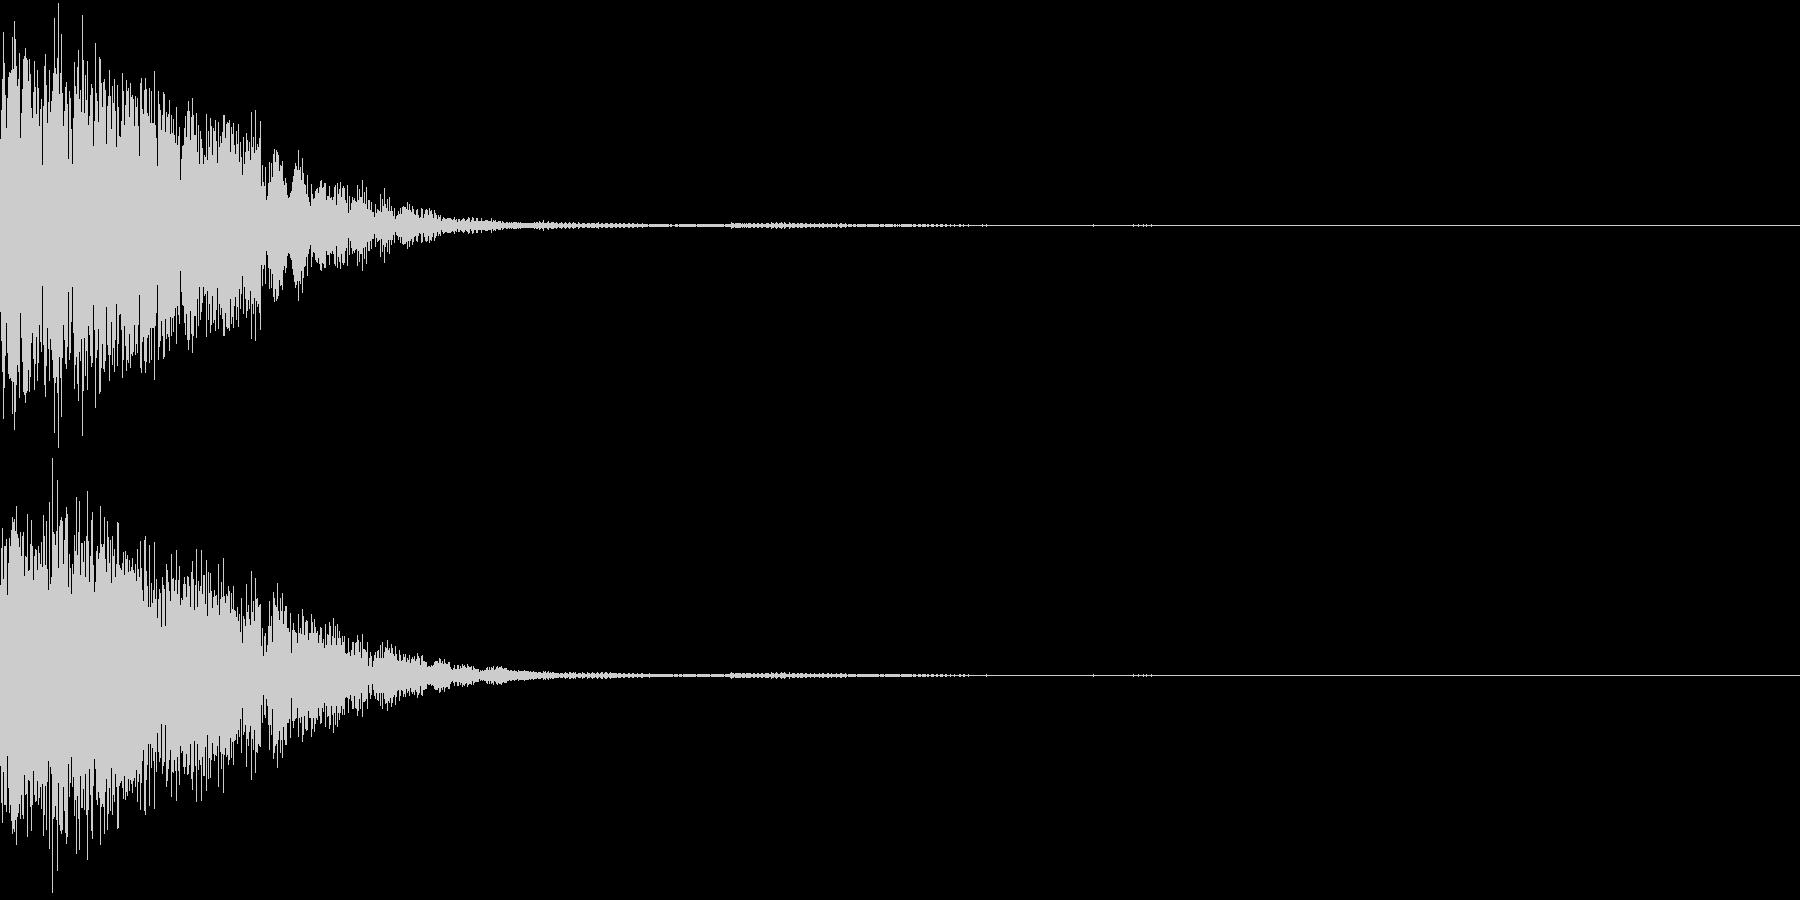 クリック音、キラン、キュイン、ピコン01の未再生の波形